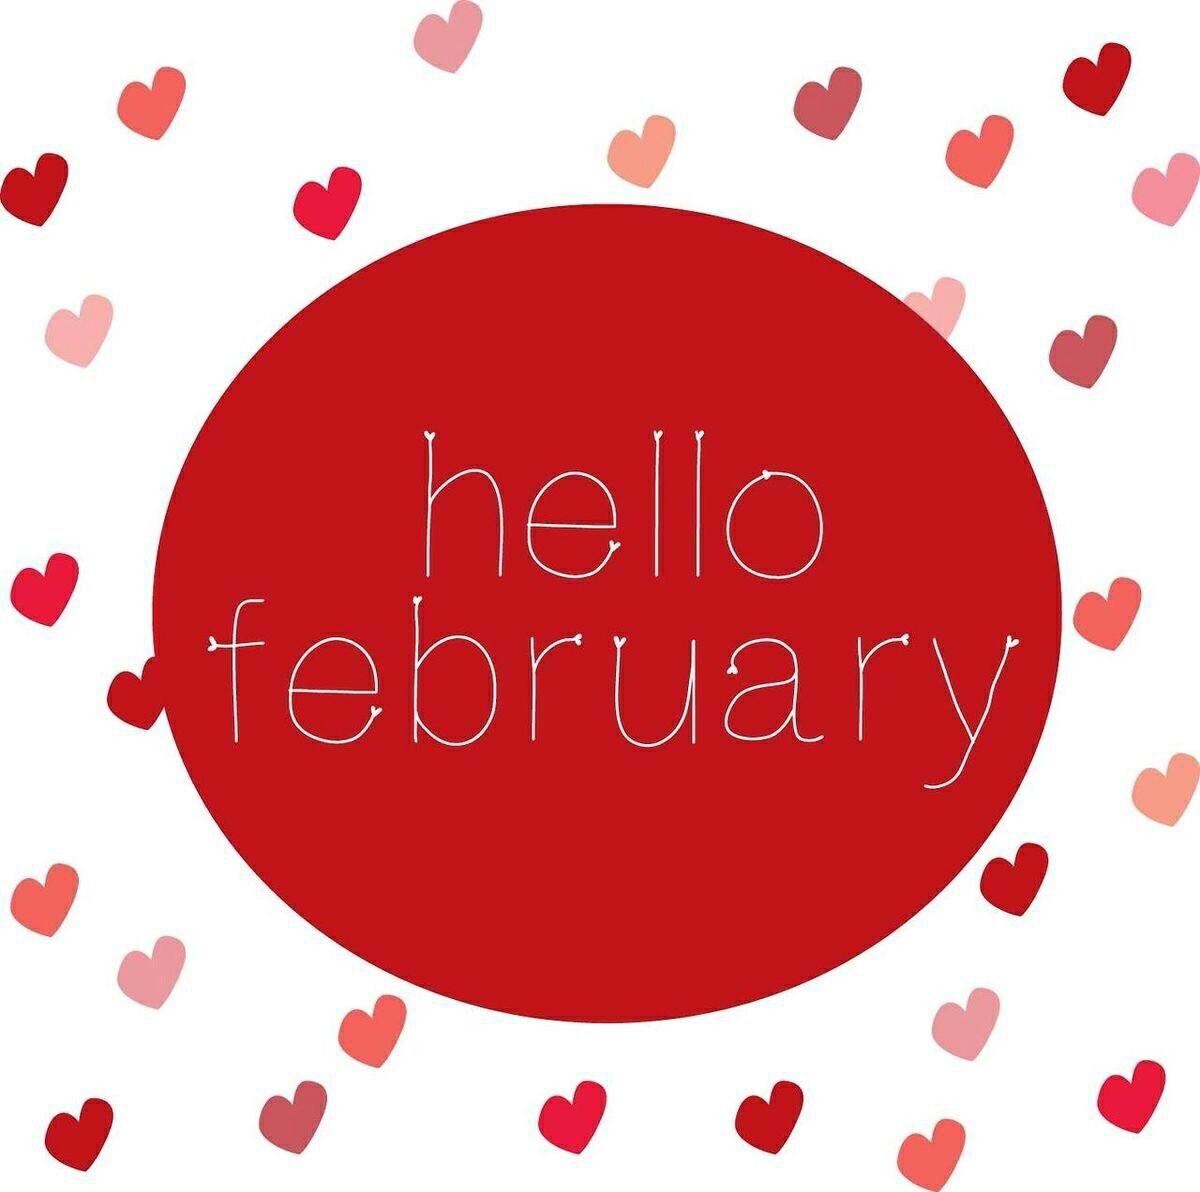 Hello February Hearts